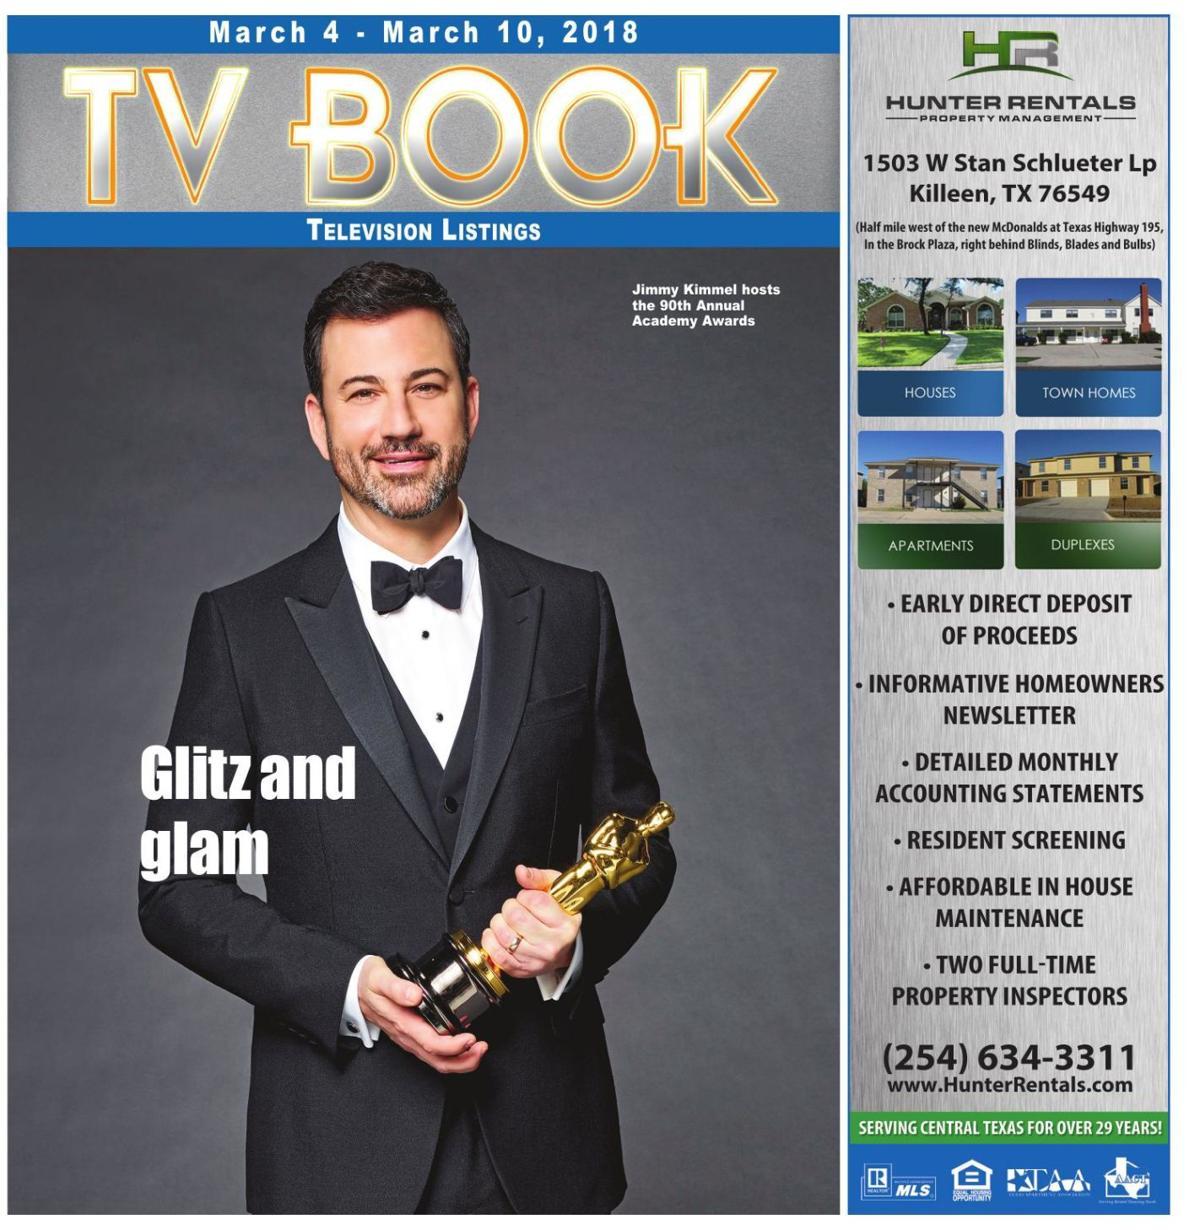 TV Book Mar. 4th - Mar. 10th